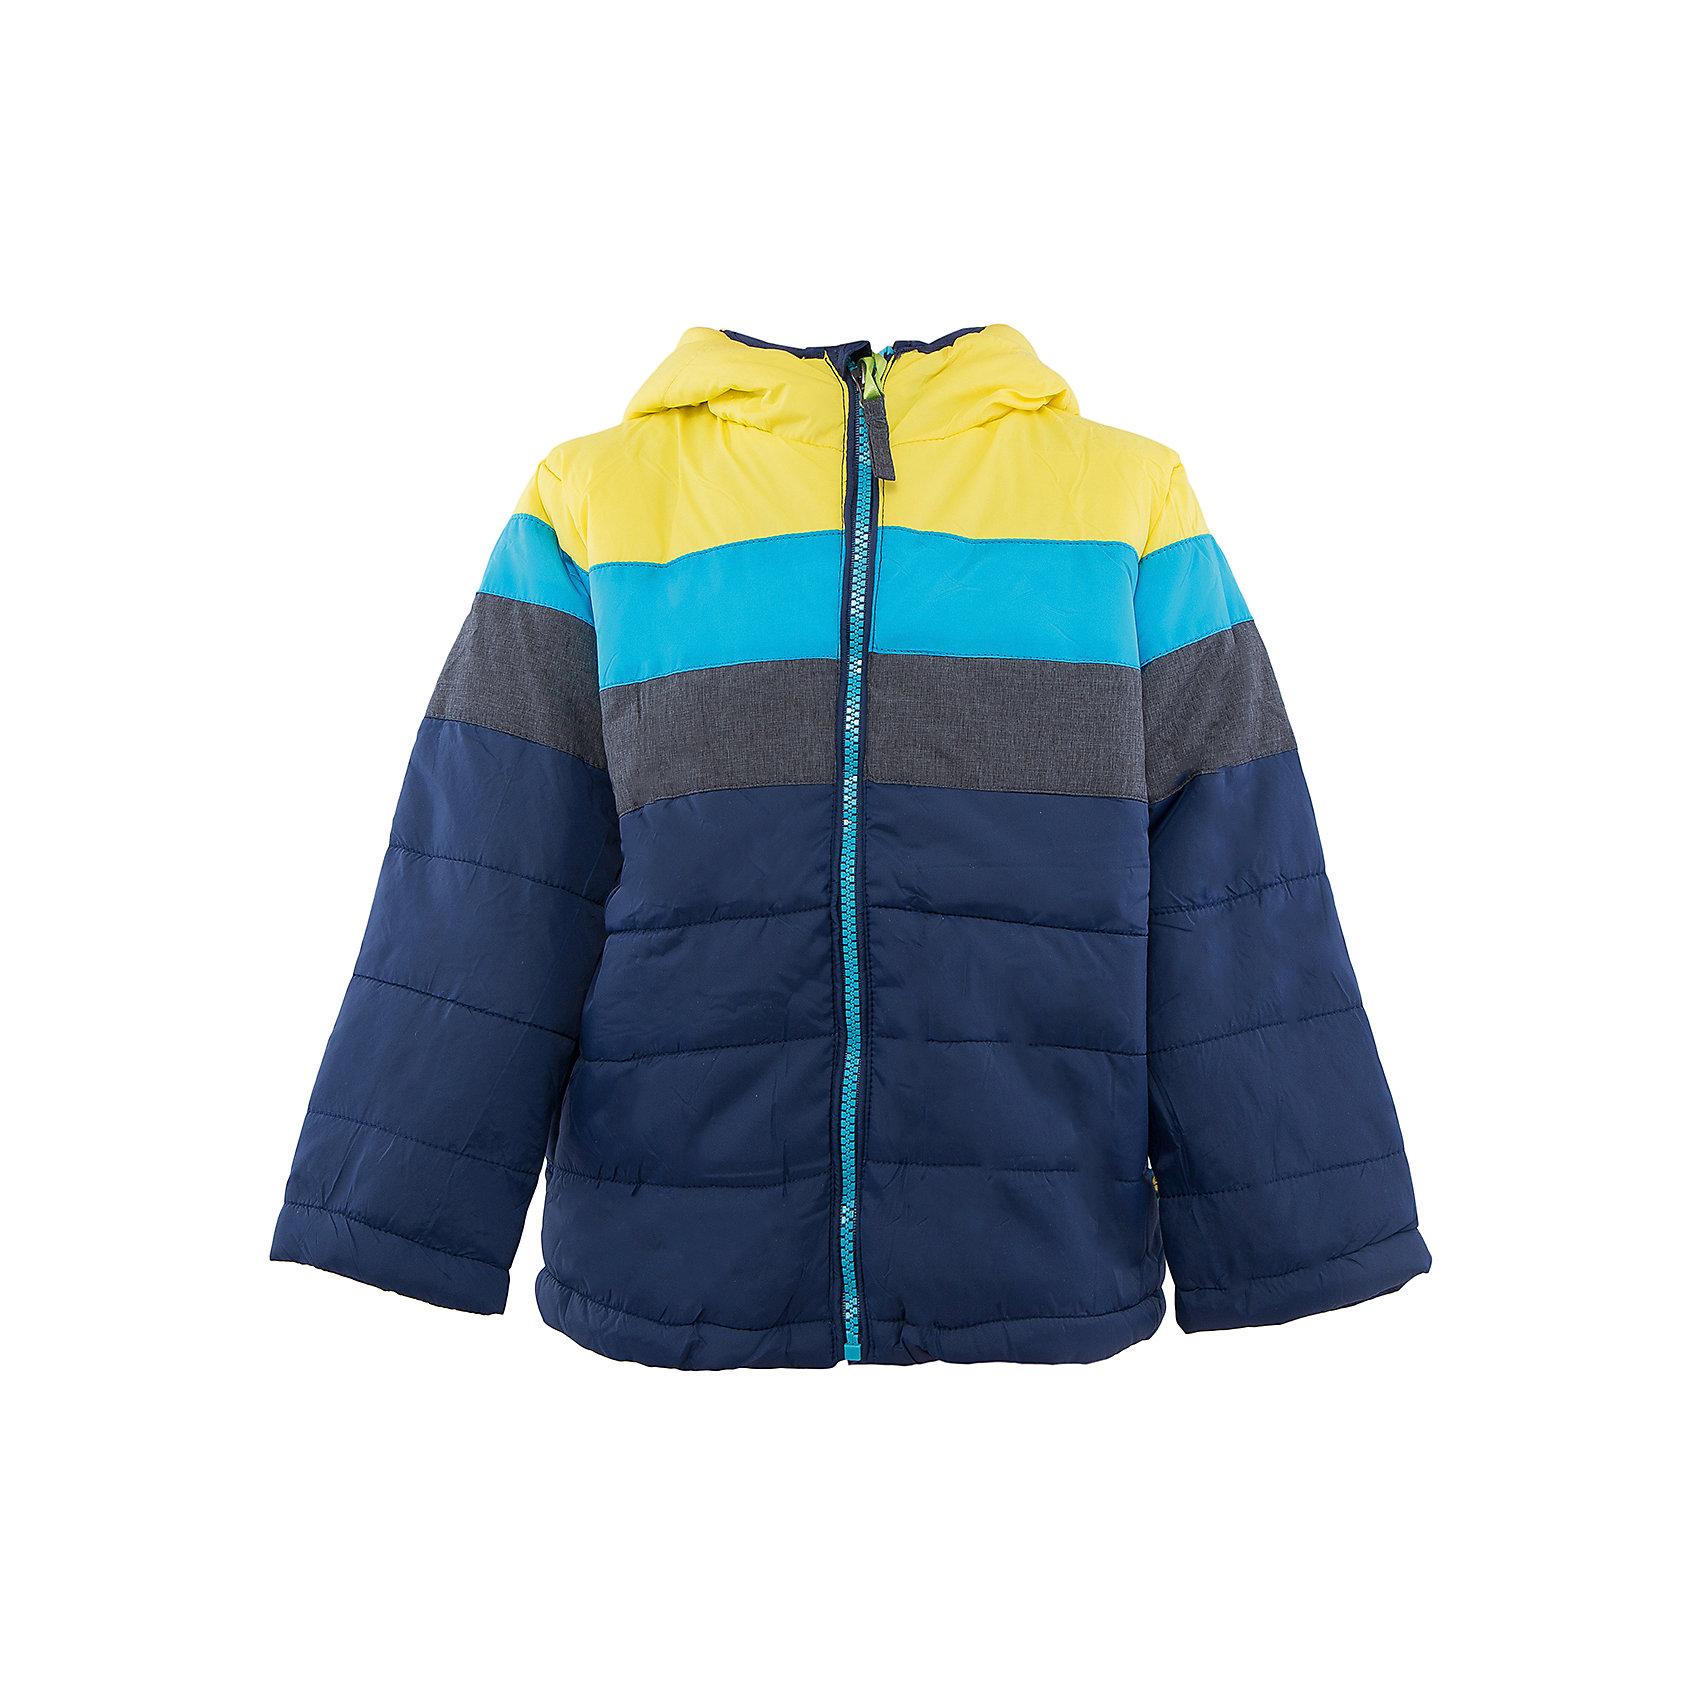 Куртка для мальчика Sweet BerryСтильная утепленная куртка  торговой марки Sweet Berry прекрасно подойдет для мальчишек, изделие  выполнено в  яркой и модной расцветке. Данная модель предусматривает  капюшон и удобные прорезные карманы спереди.<br><br> Дополнительная информация:<br><br>- комплектация: куртка<br>- цвет: желтый<br>- состав:  верх: 100% нейлон, подкладка: 100% полиэстер, наполнитель: 100% полиэстер<br>- длина рукава: длинные<br>- вид застежки: молния<br>- тип карманов: прорезные<br>- длина изделия: по спинке: 42 см<br>- покрой: прямой<br>- утеплитель: синтепух<br>- материал подкладки: флис: 100 %<br>- фактура материала: гладкий<br>- уход за вещами: бережная стирка при t не более 40с<br>- рисунок: без рисунка<br>- плотность: утеплителя: 160 г/кв.м<br>- назначение: повседневная<br>- характеристика утеплителя: fill power: 450 куб. дюйм на унцию<br>- сезон: демисезон<br>- пол: мальчики<br><br>Куртка для мальчика  торговой марки Sweet Berry можно купить в нашем интернет-магазине.<br><br>Ширина мм: 356<br>Глубина мм: 10<br>Высота мм: 245<br>Вес г: 519<br>Цвет: желтый<br>Возраст от месяцев: 18<br>Возраст до месяцев: 24<br>Пол: Мужской<br>Возраст: Детский<br>Размер: 92,86,80,98<br>SKU: 4929752